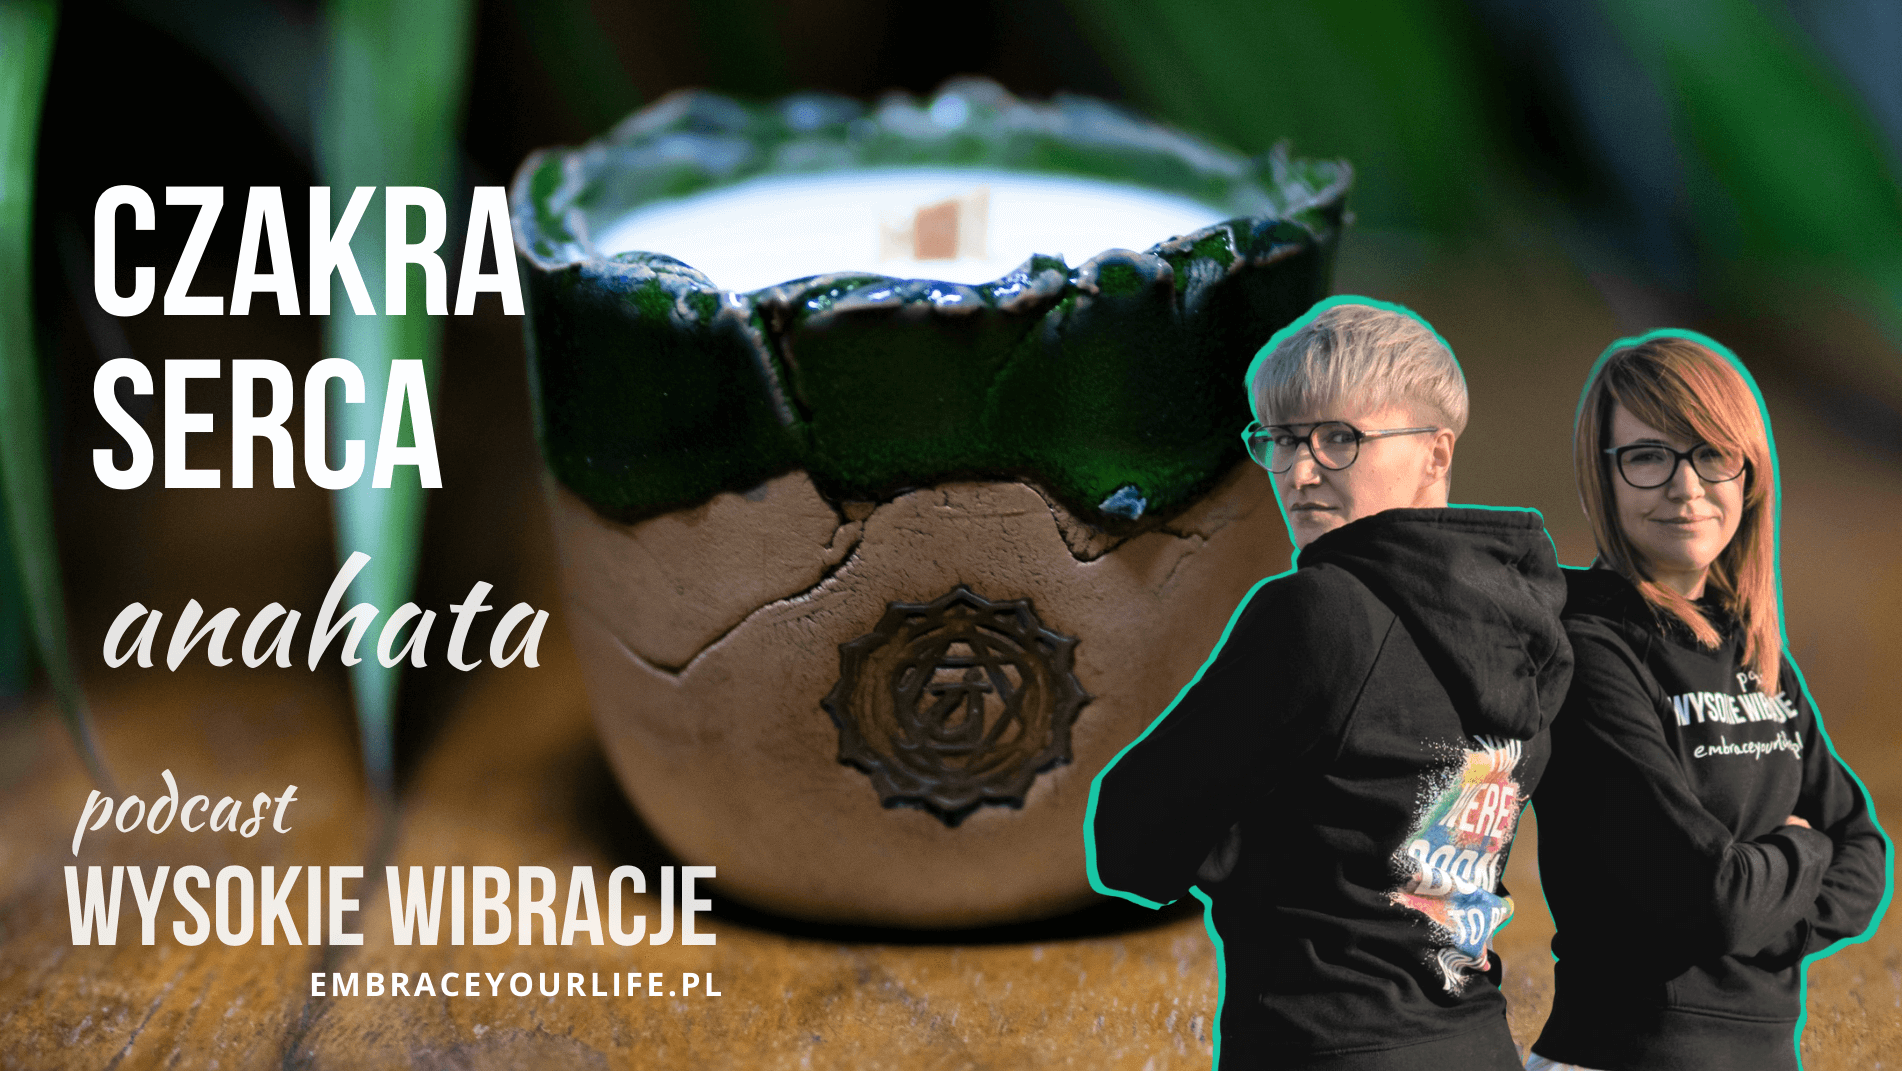 WYSOKIE WIBRACJE #57: CZAKRA SERCA (anahata) I jak ją balansować